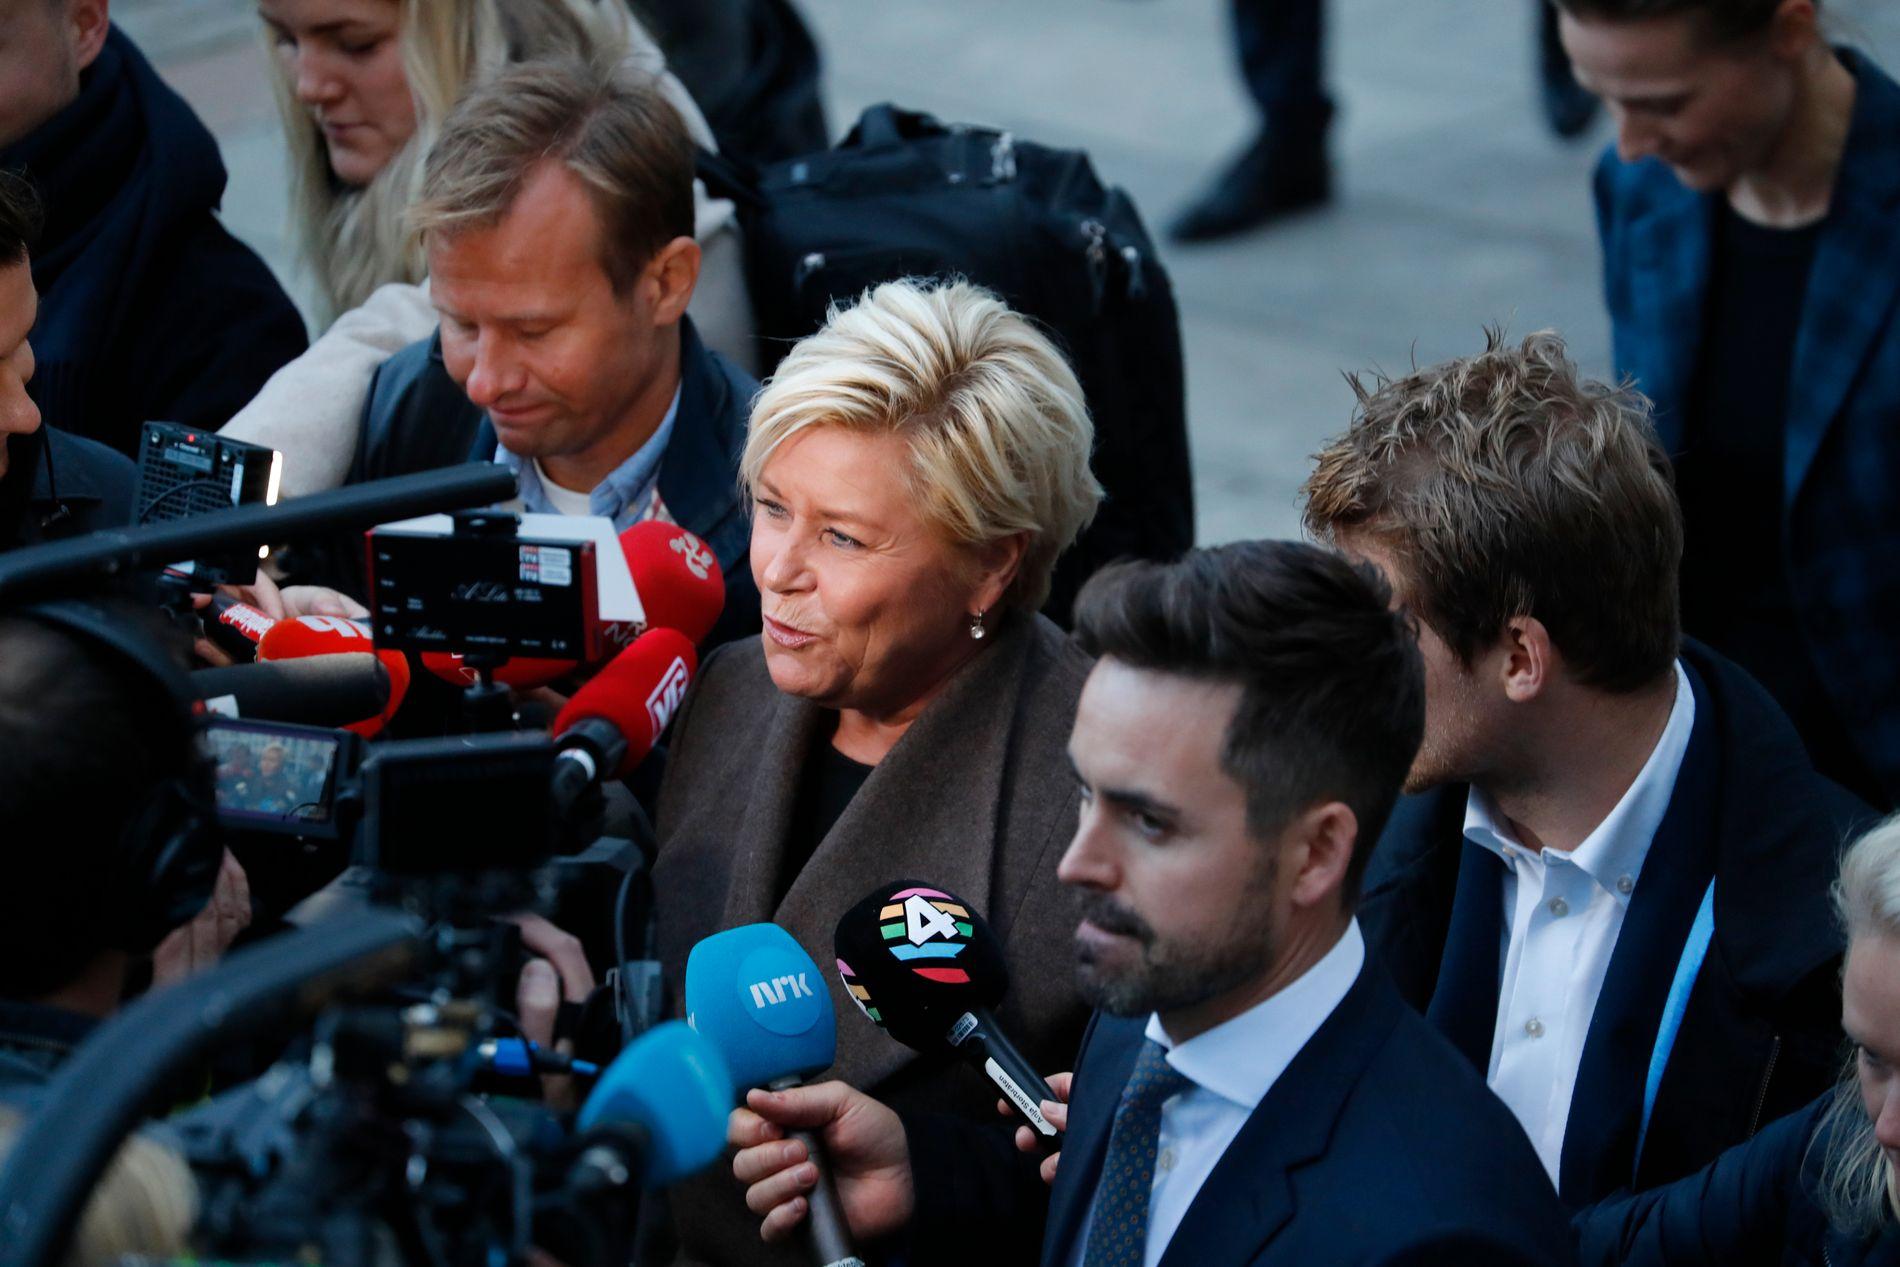 MOT: Frp er partiet som tydelegast har vore mot søskenbarnekteskap, men også Ap og delar av Høgre er motstandarar. Her er Frp-leiar Siv Jensen på veg for å leggje fram statsbudsjettet for 2019.